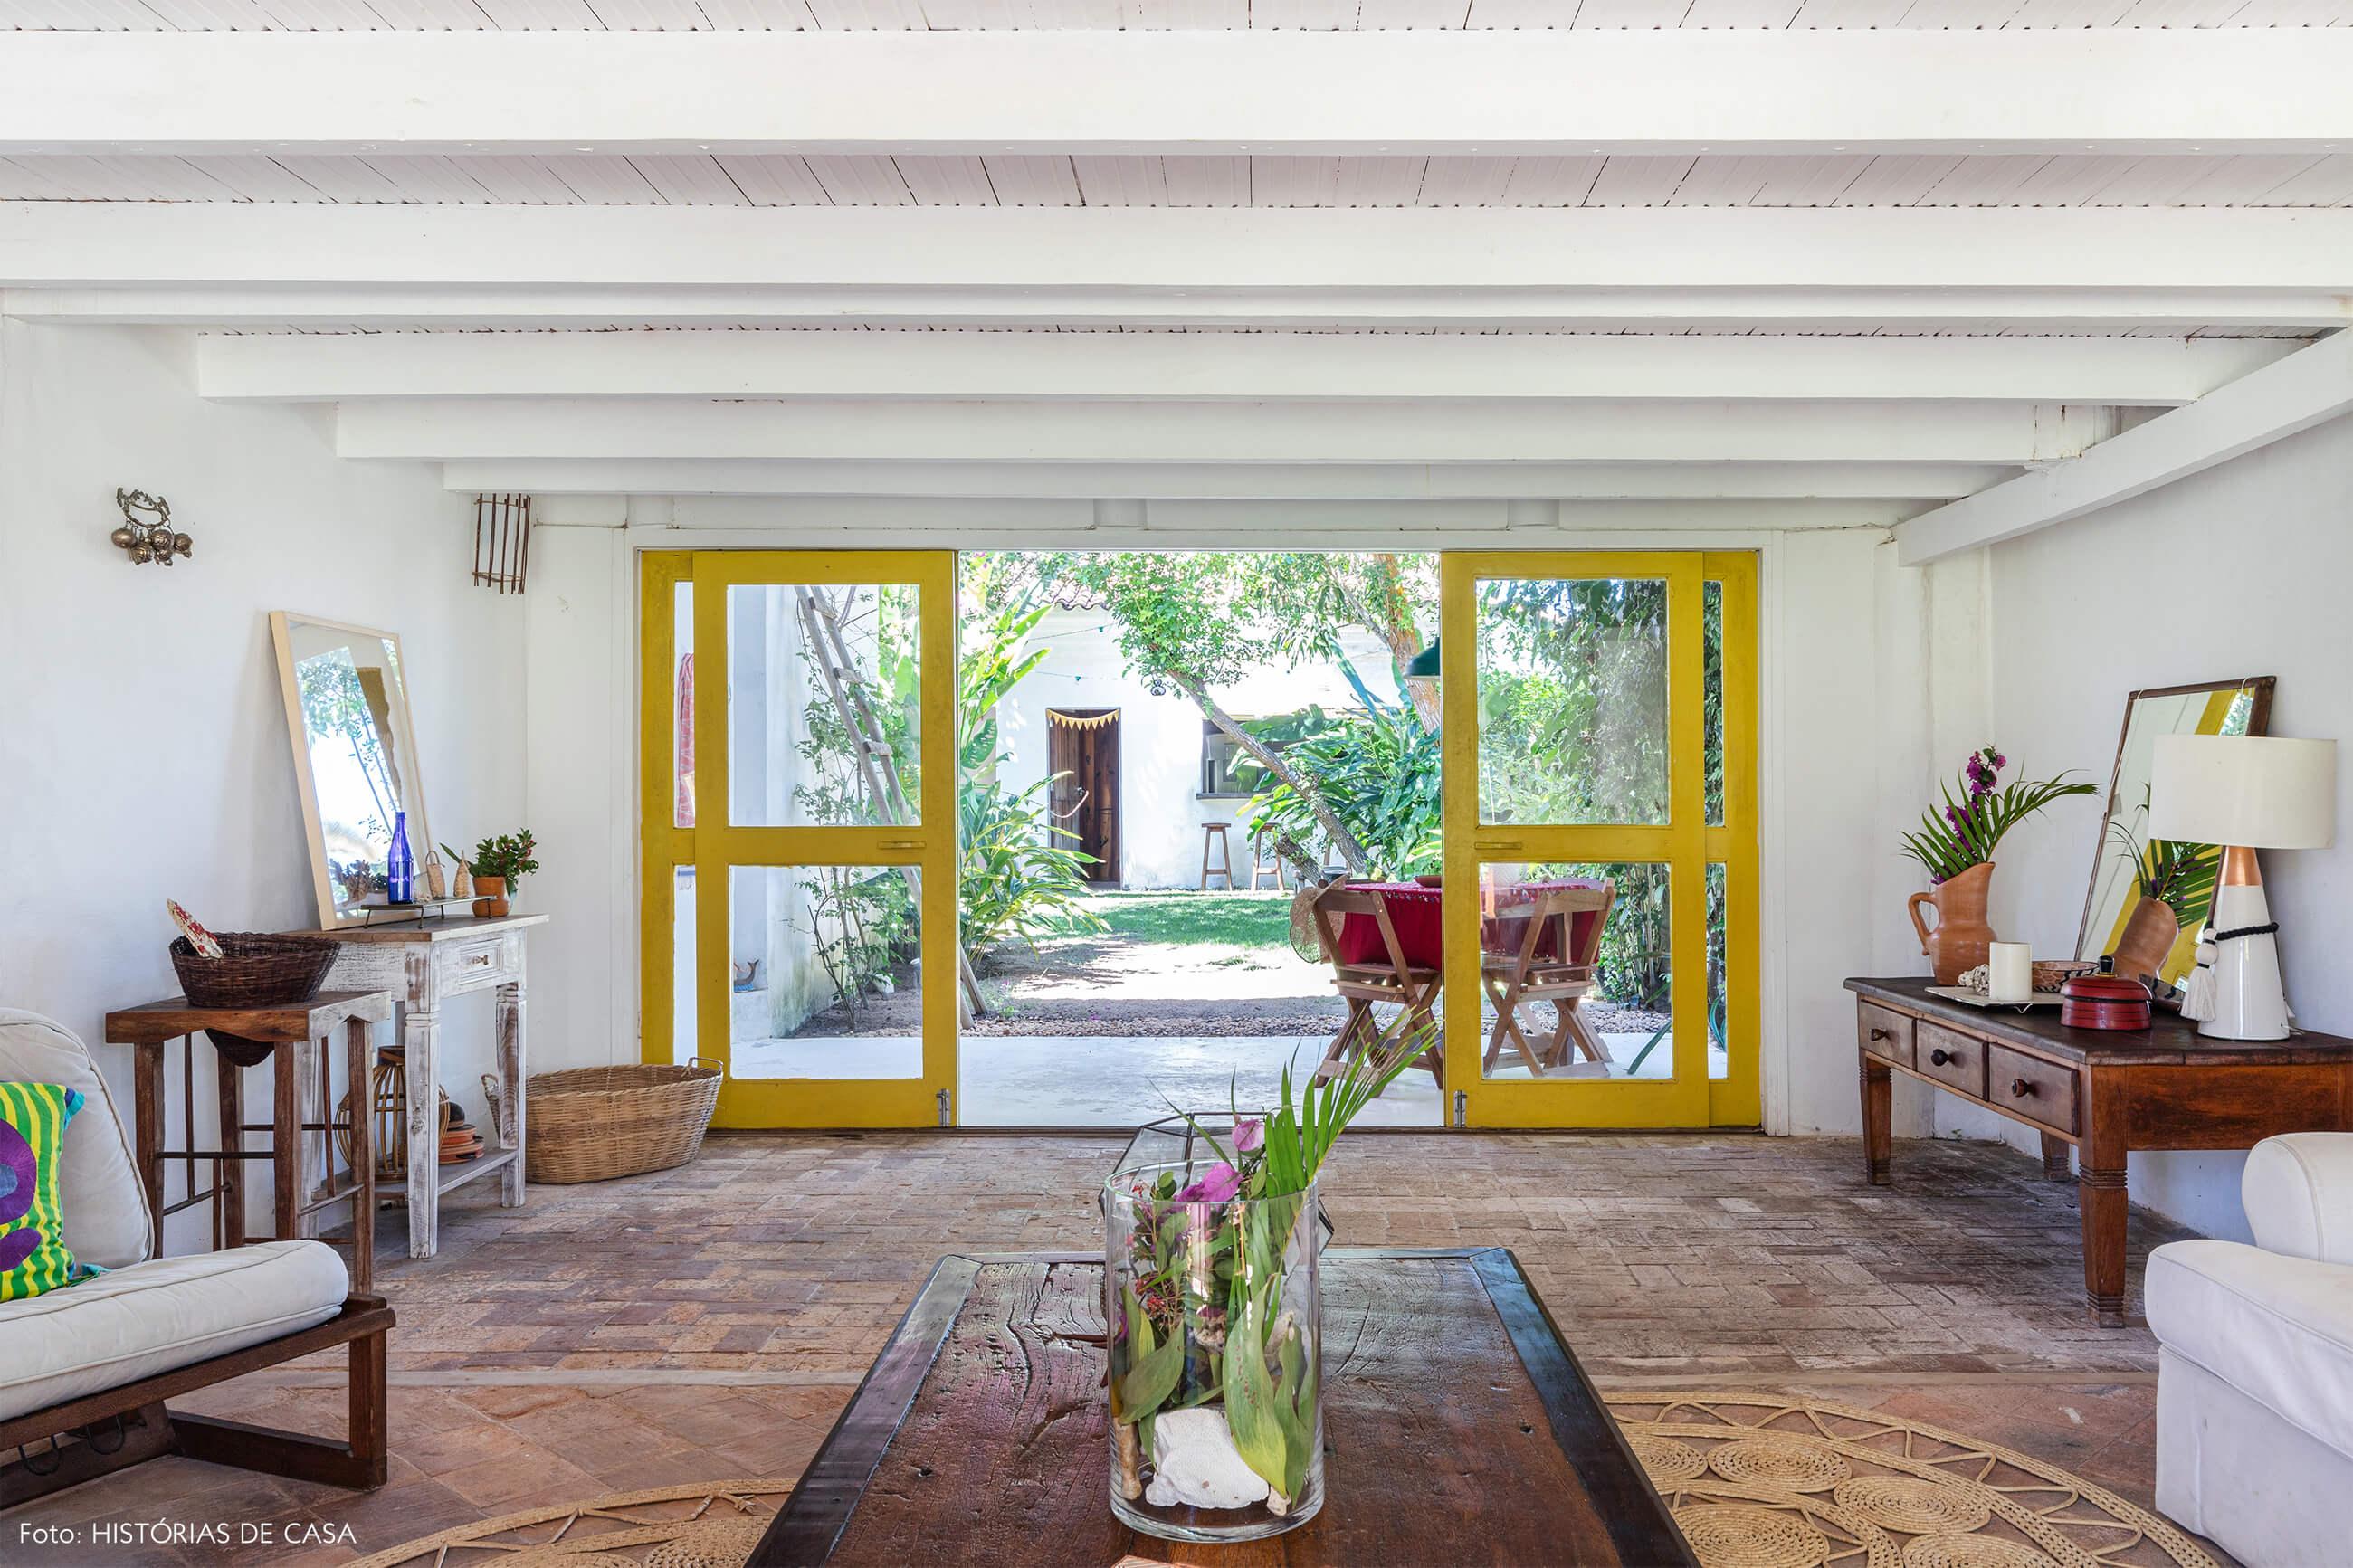 flavia-decoração-trancoso-sala-com-itens-de-madeira-e-varanda-com-pora-amarela